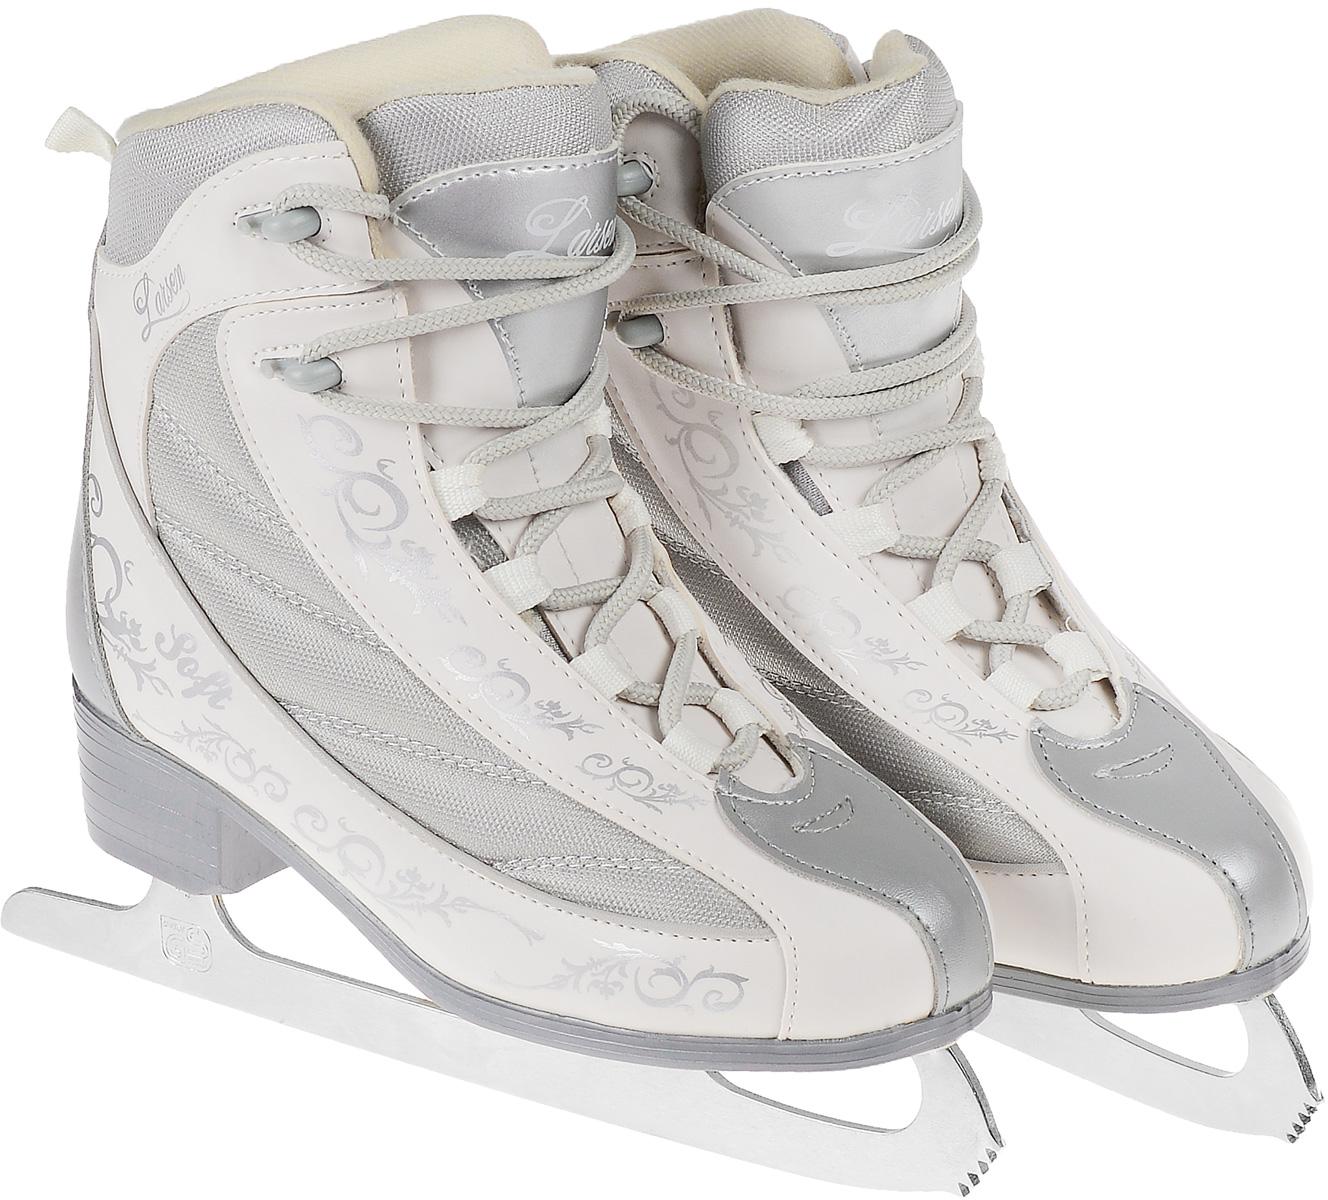 Коньки фигурные женские Larsen Soft, цвет: белый, серый. Размер 39